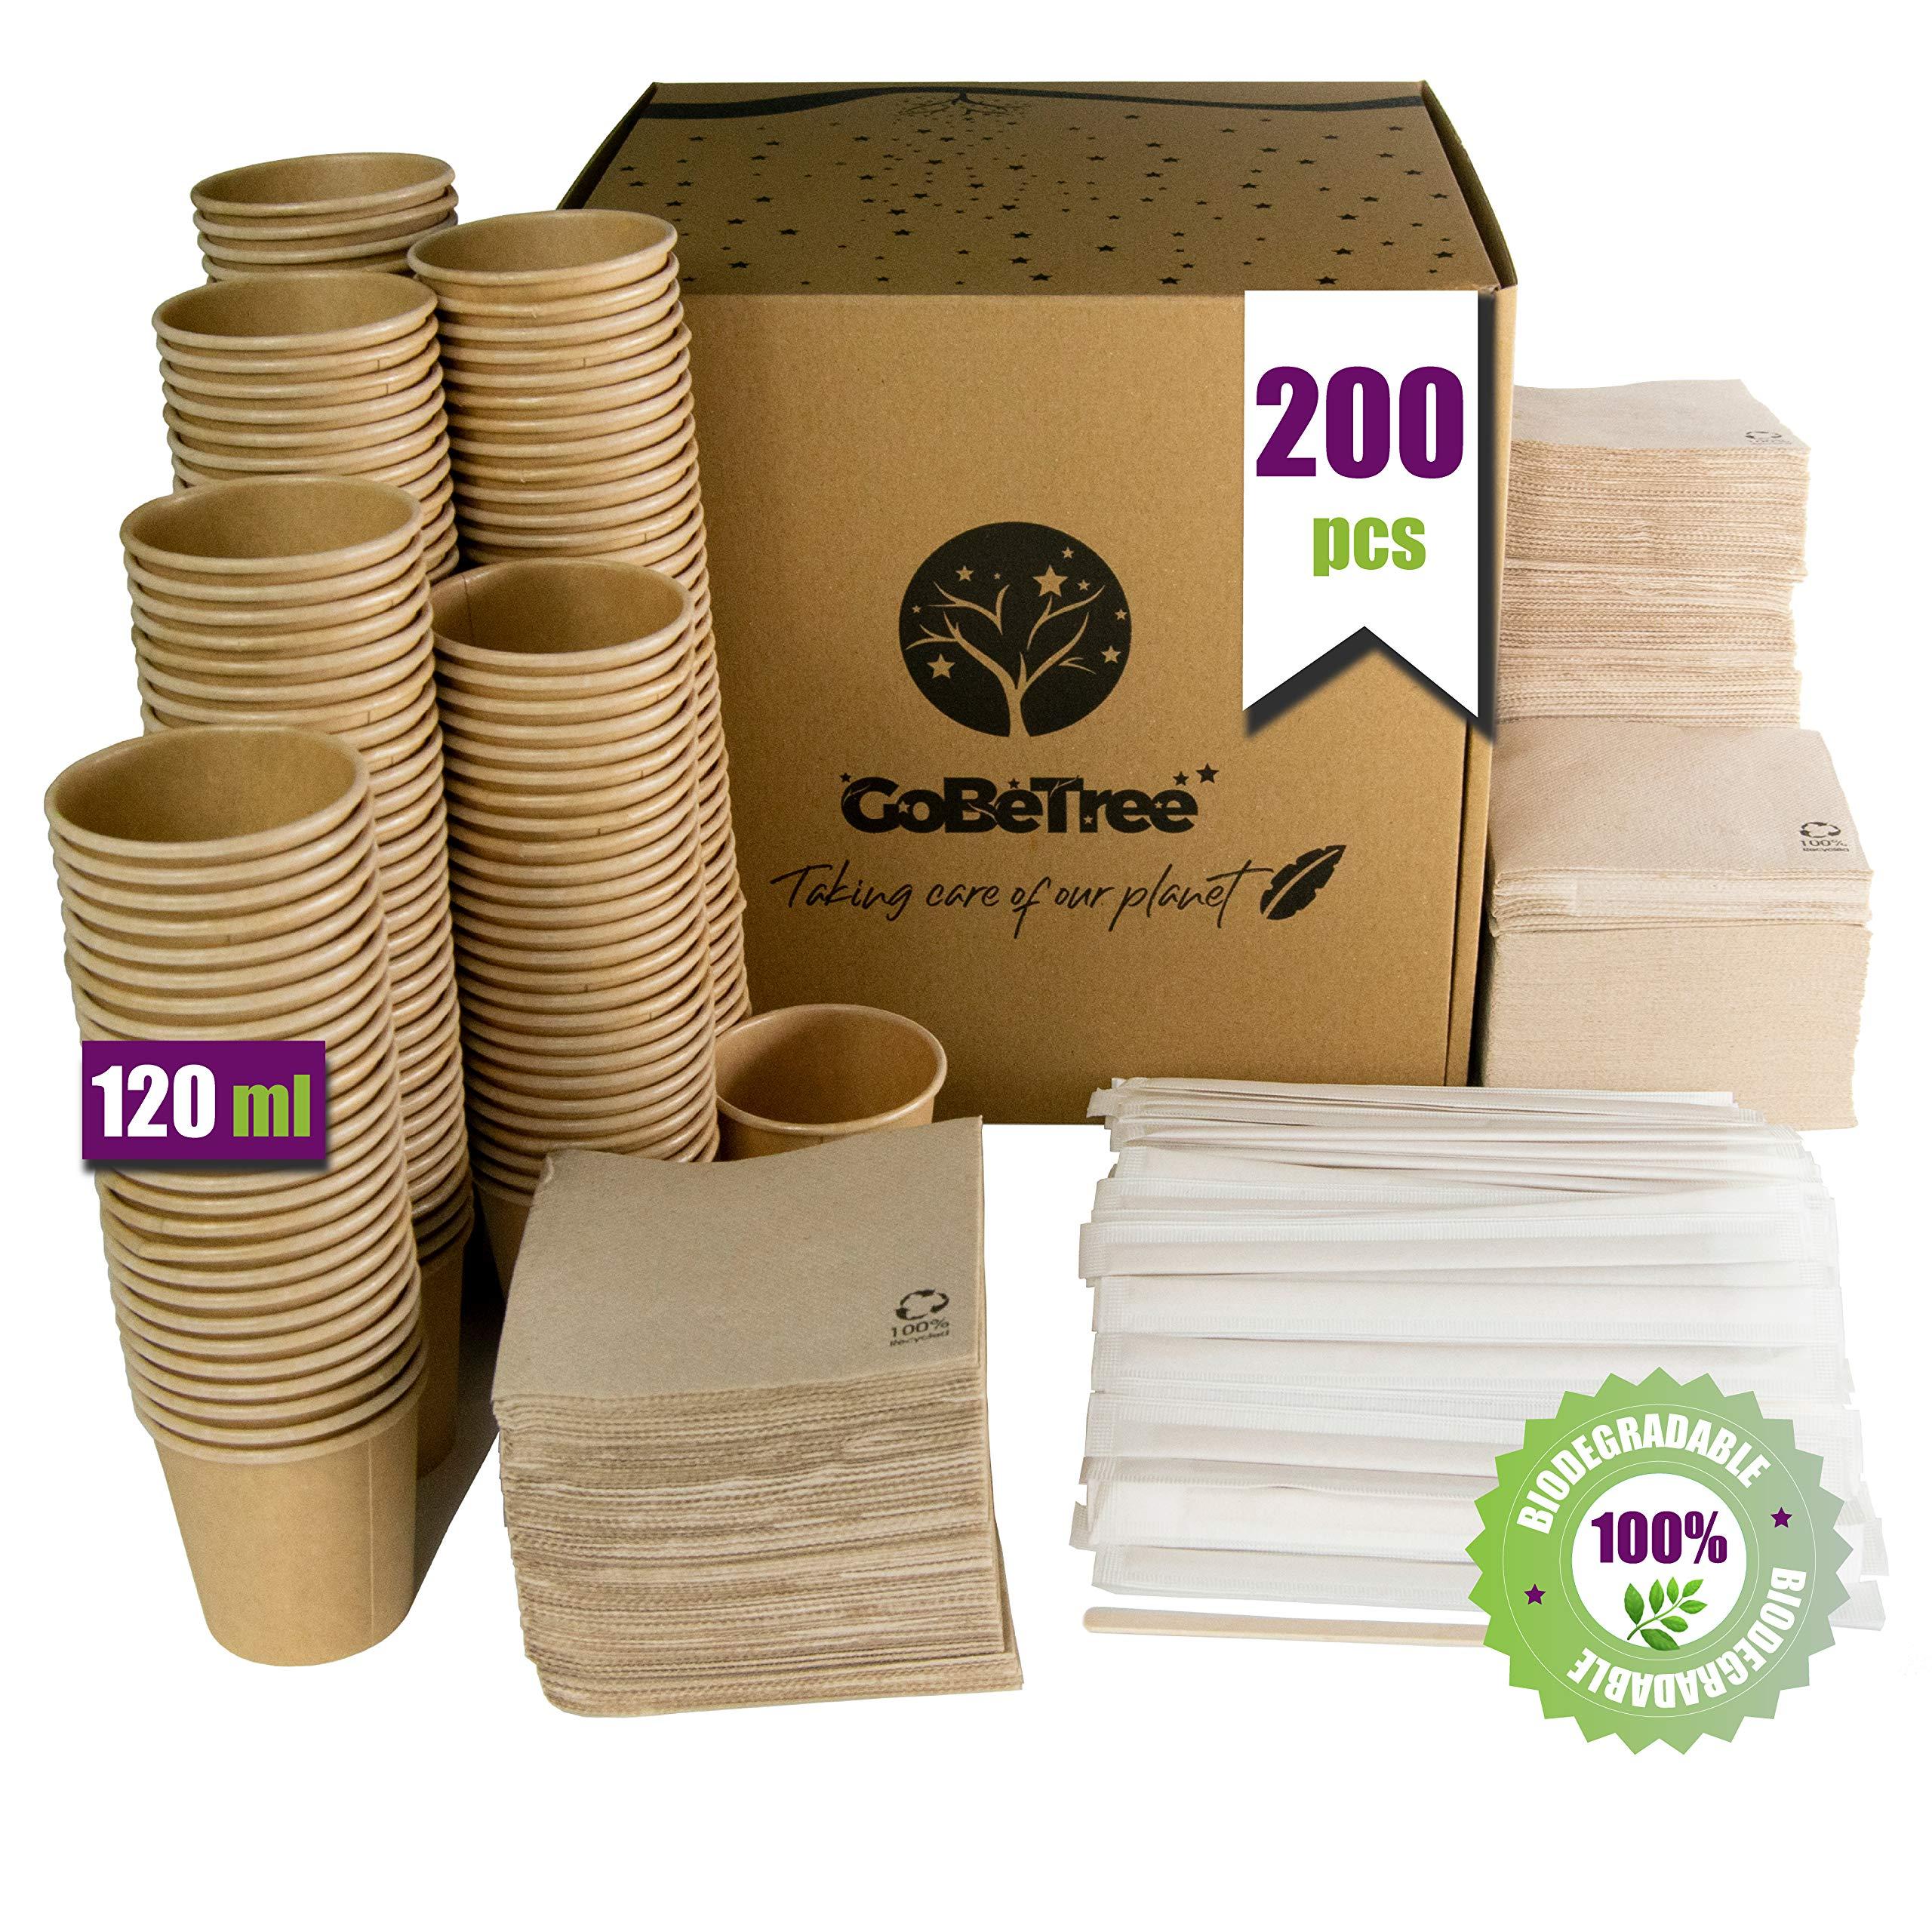 GoBeTree 200 Vasos de café Desechables Kraft con PLA para café expreso de 120 ml con agitadores de Madera en Funda de Papel para café y servilletas recicladas: Amazon.es: Hogar